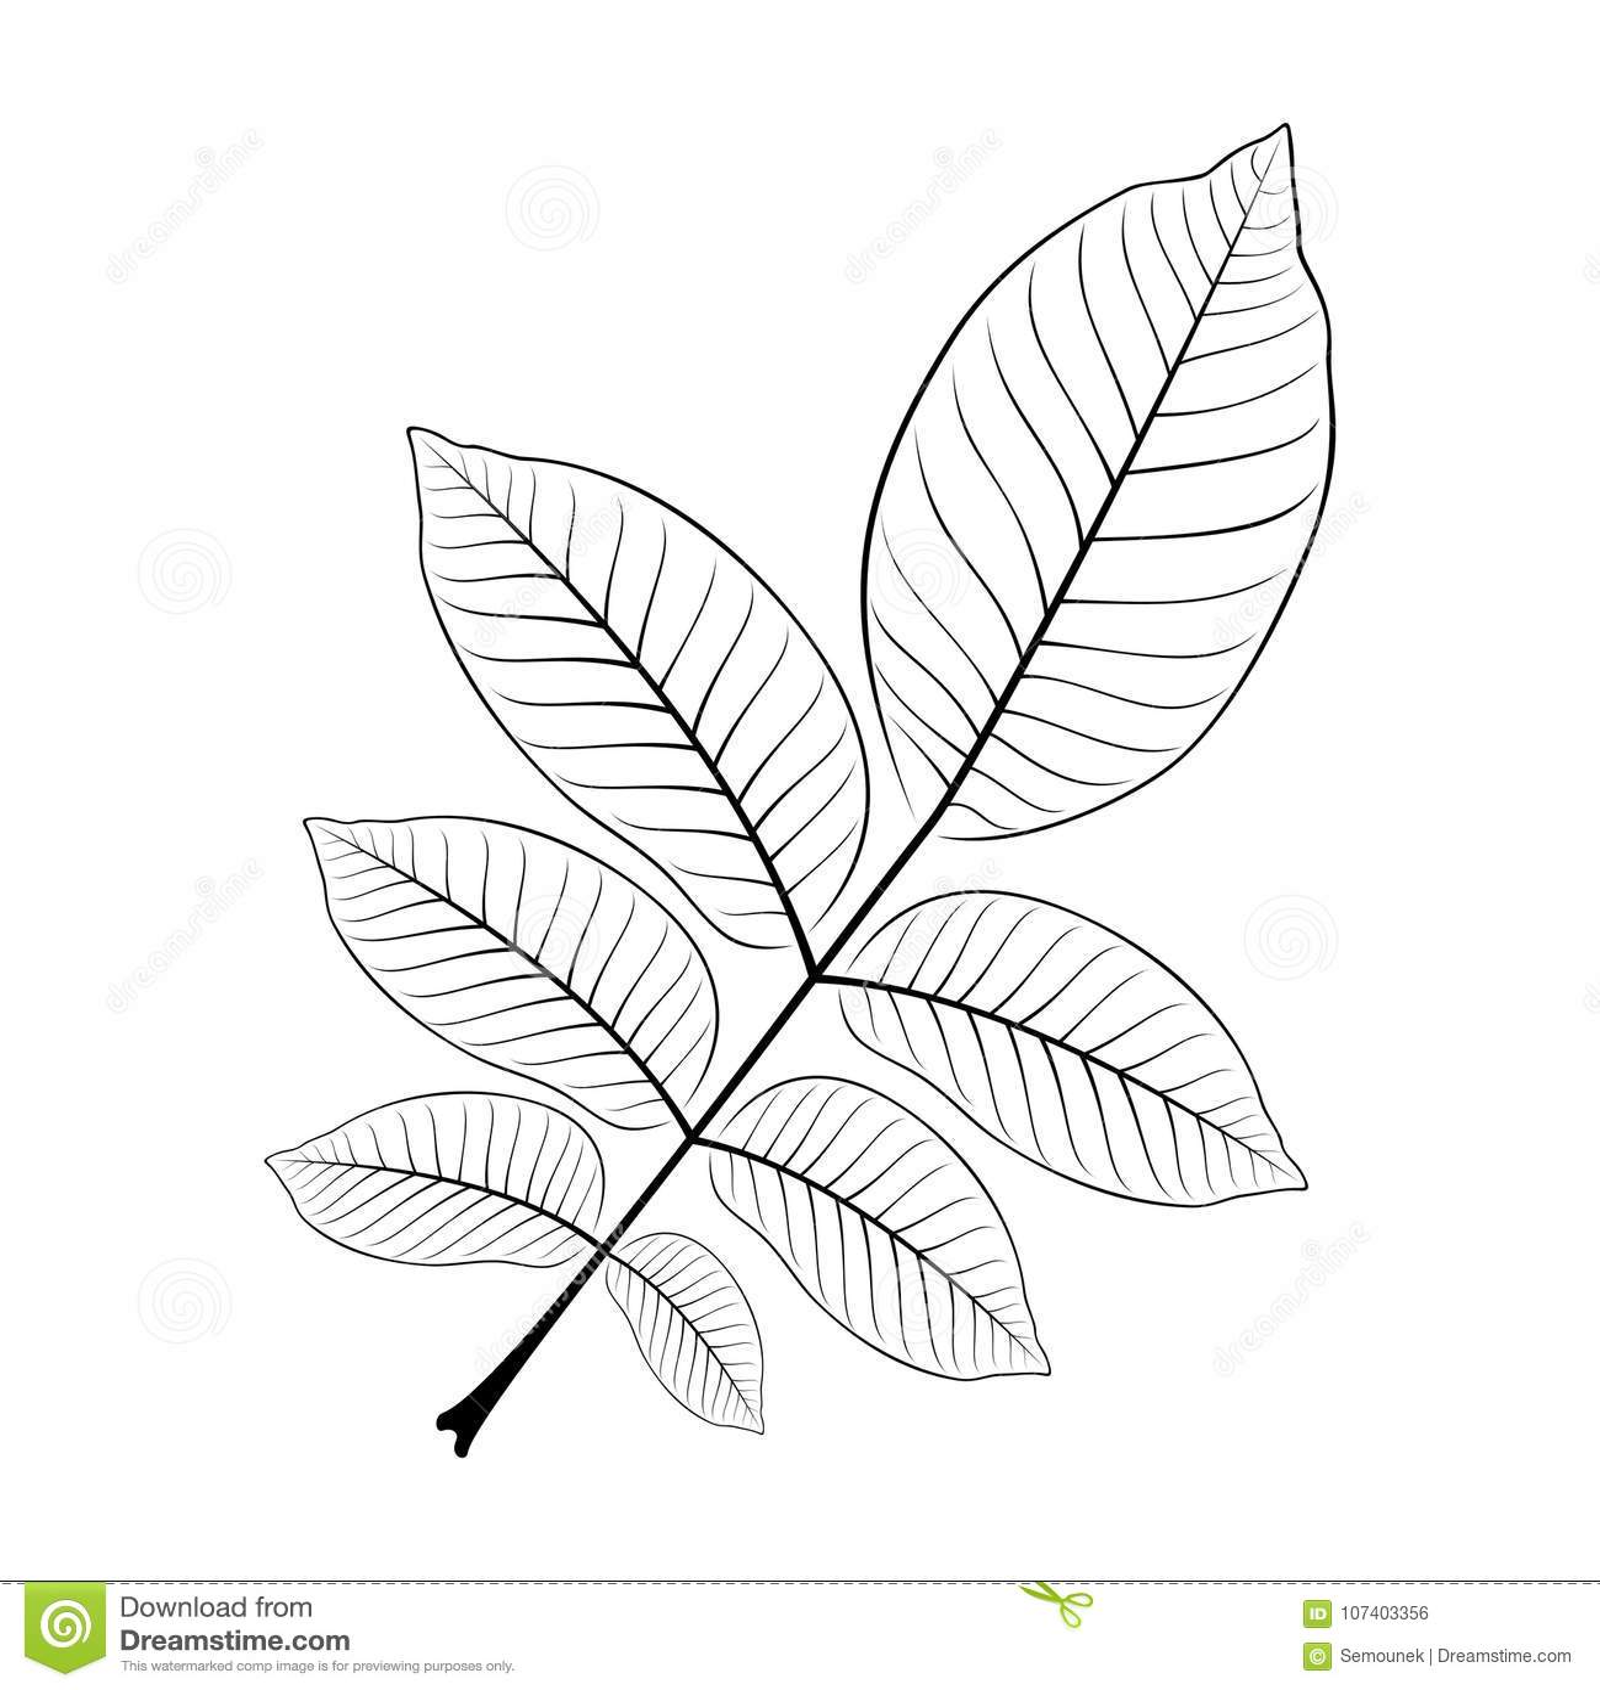 Czarny i biały wektorowa ilustracja orzecha włoskiego liść